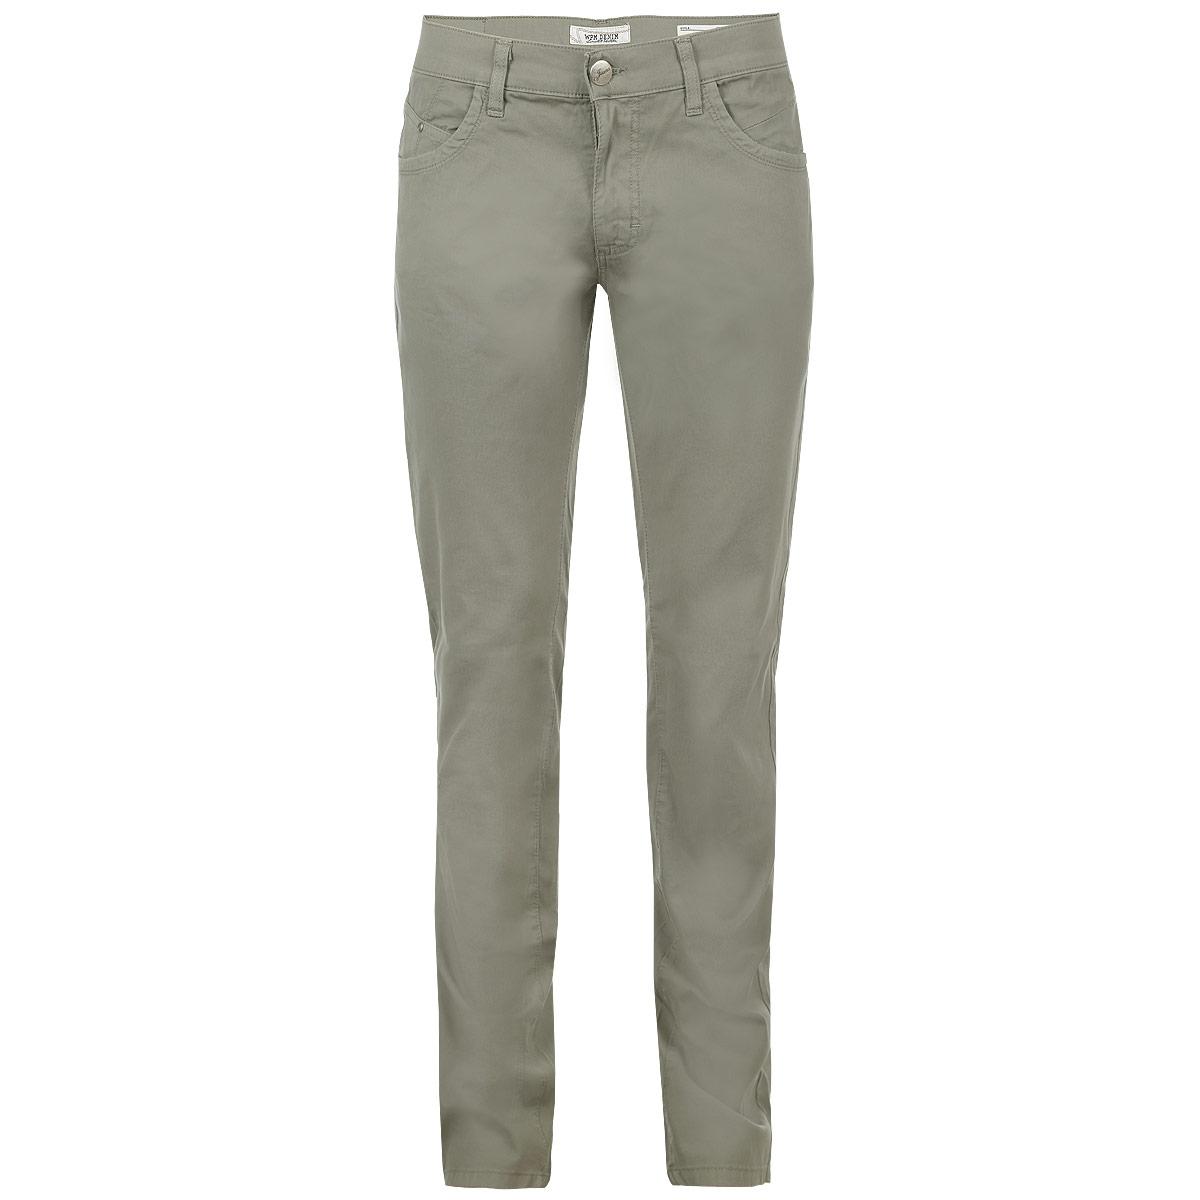 11018 2238 000Стильные мужские брюки WPM высочайшего качества, слегка зауженного к низу кроя и средней посадки, станут отличным дополнением к вашему современному образу. Застегиваются брюки на пуговицу и ширинку на застежке-молнии, имеются шлевки для ремня. Спереди модель оформлена двумя втачными карманами и двумя небольшими секретными кармашками, а сзади - двумя накладными карманами на пуговицах. Эти модные и в тоже время комфортные брюки послужат отличным дополнением к вашему гардеробу. В них вы всегда будете чувствовать себя уютно и комфортно.